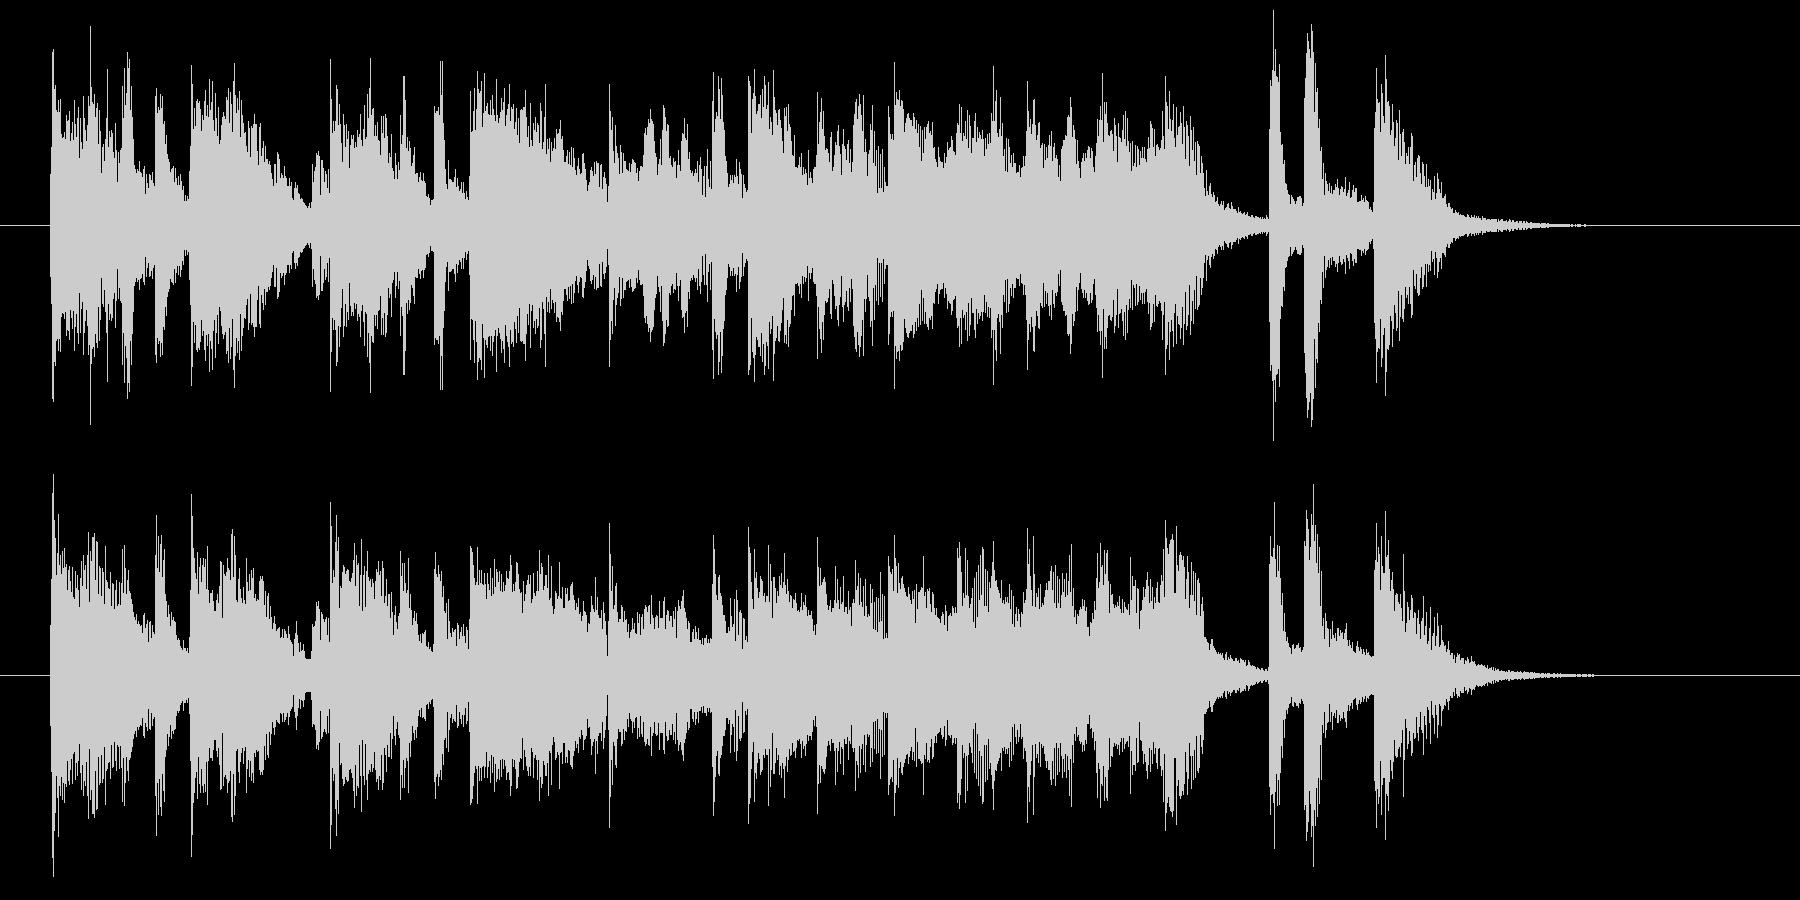 伸びやかなトランペットが印象的なBGMの未再生の波形